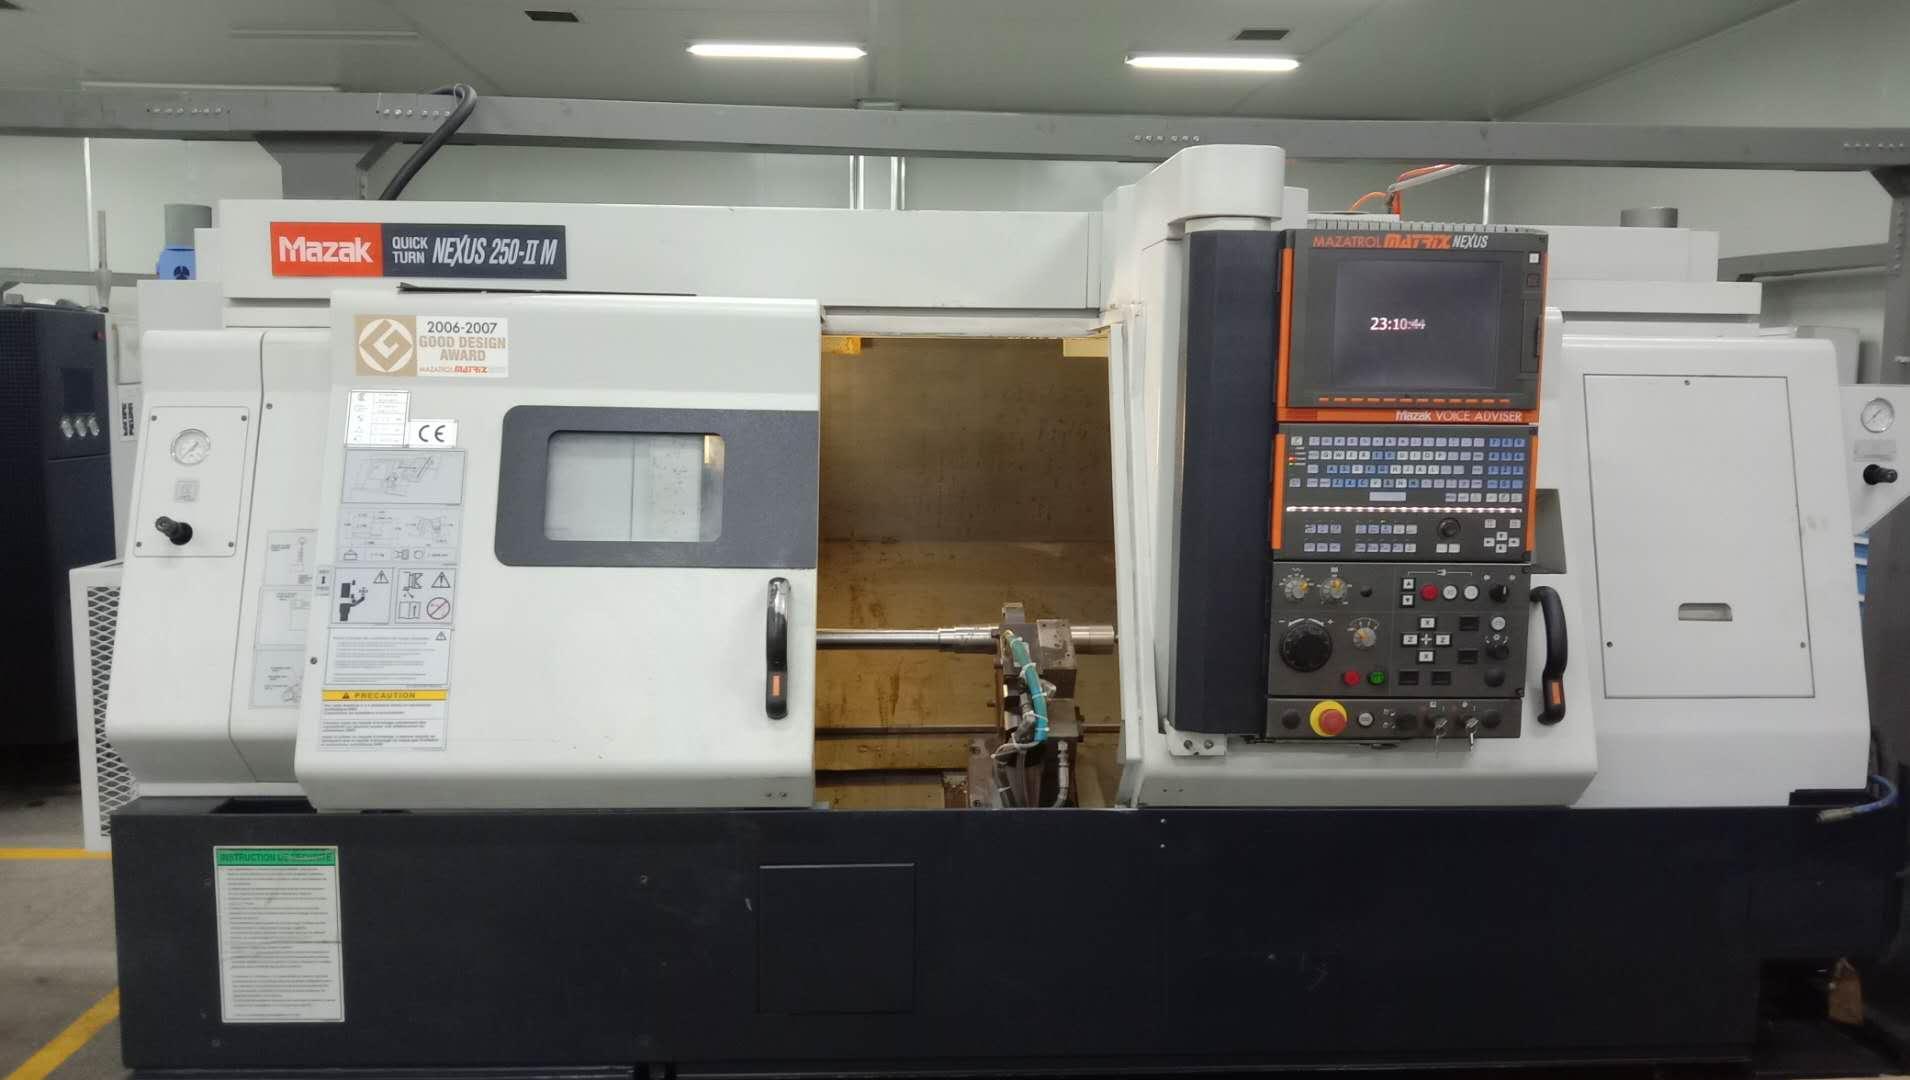 马扎克MAZAK 640数据机床人机界面触控屏珠三角两小时上门维修